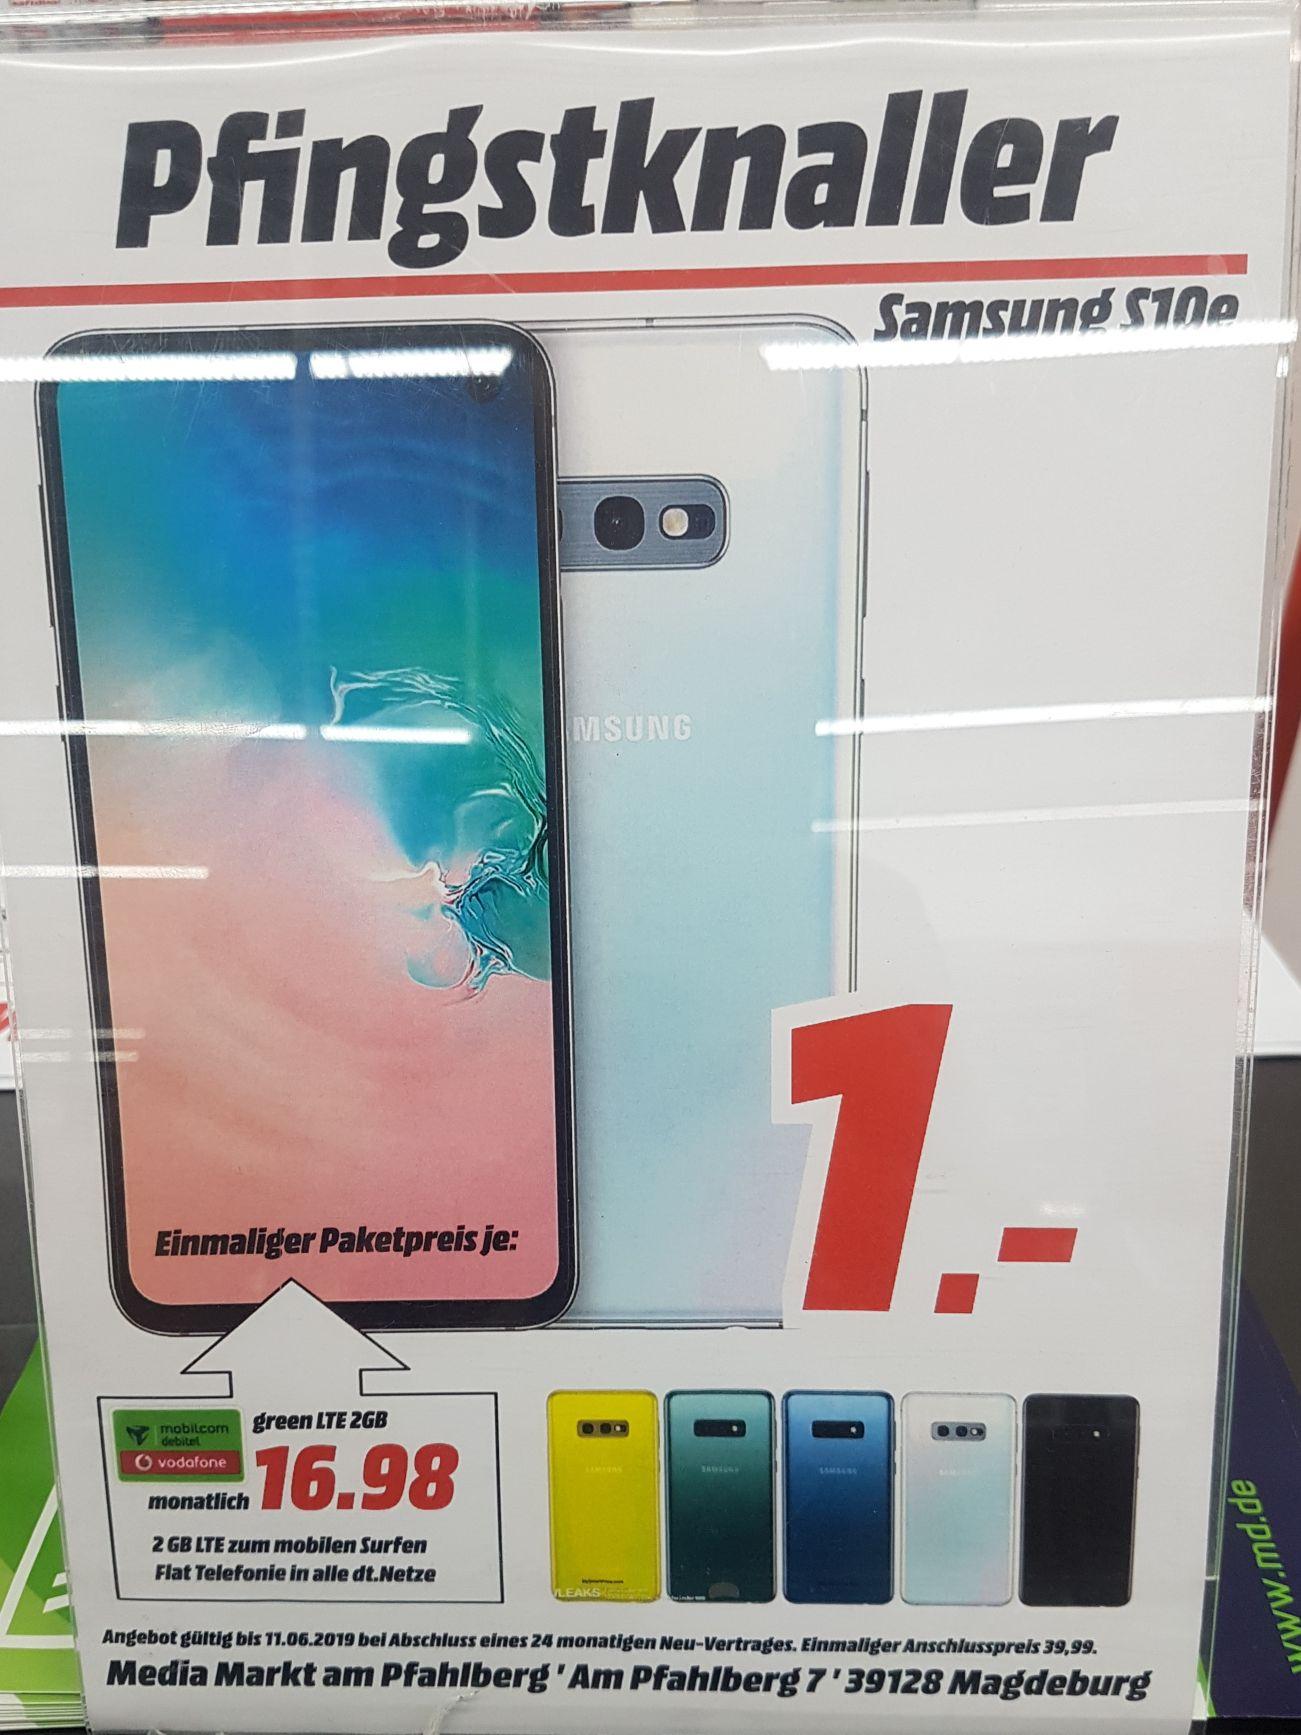 [Lokal Mediamarkt Magdeburg] Samsung Galaxy S10e im Debitel Vodafone (2GB LTE/Allnet) für 16,98€ mtl.